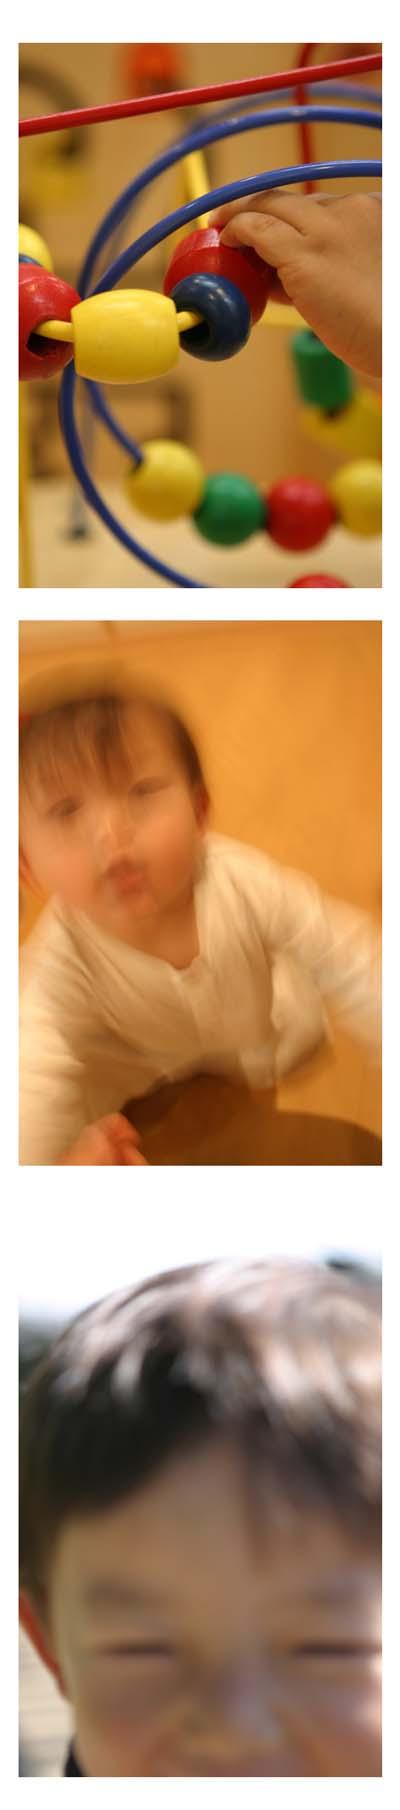 カワセミの子育ての話_e0025661_8405524.jpg